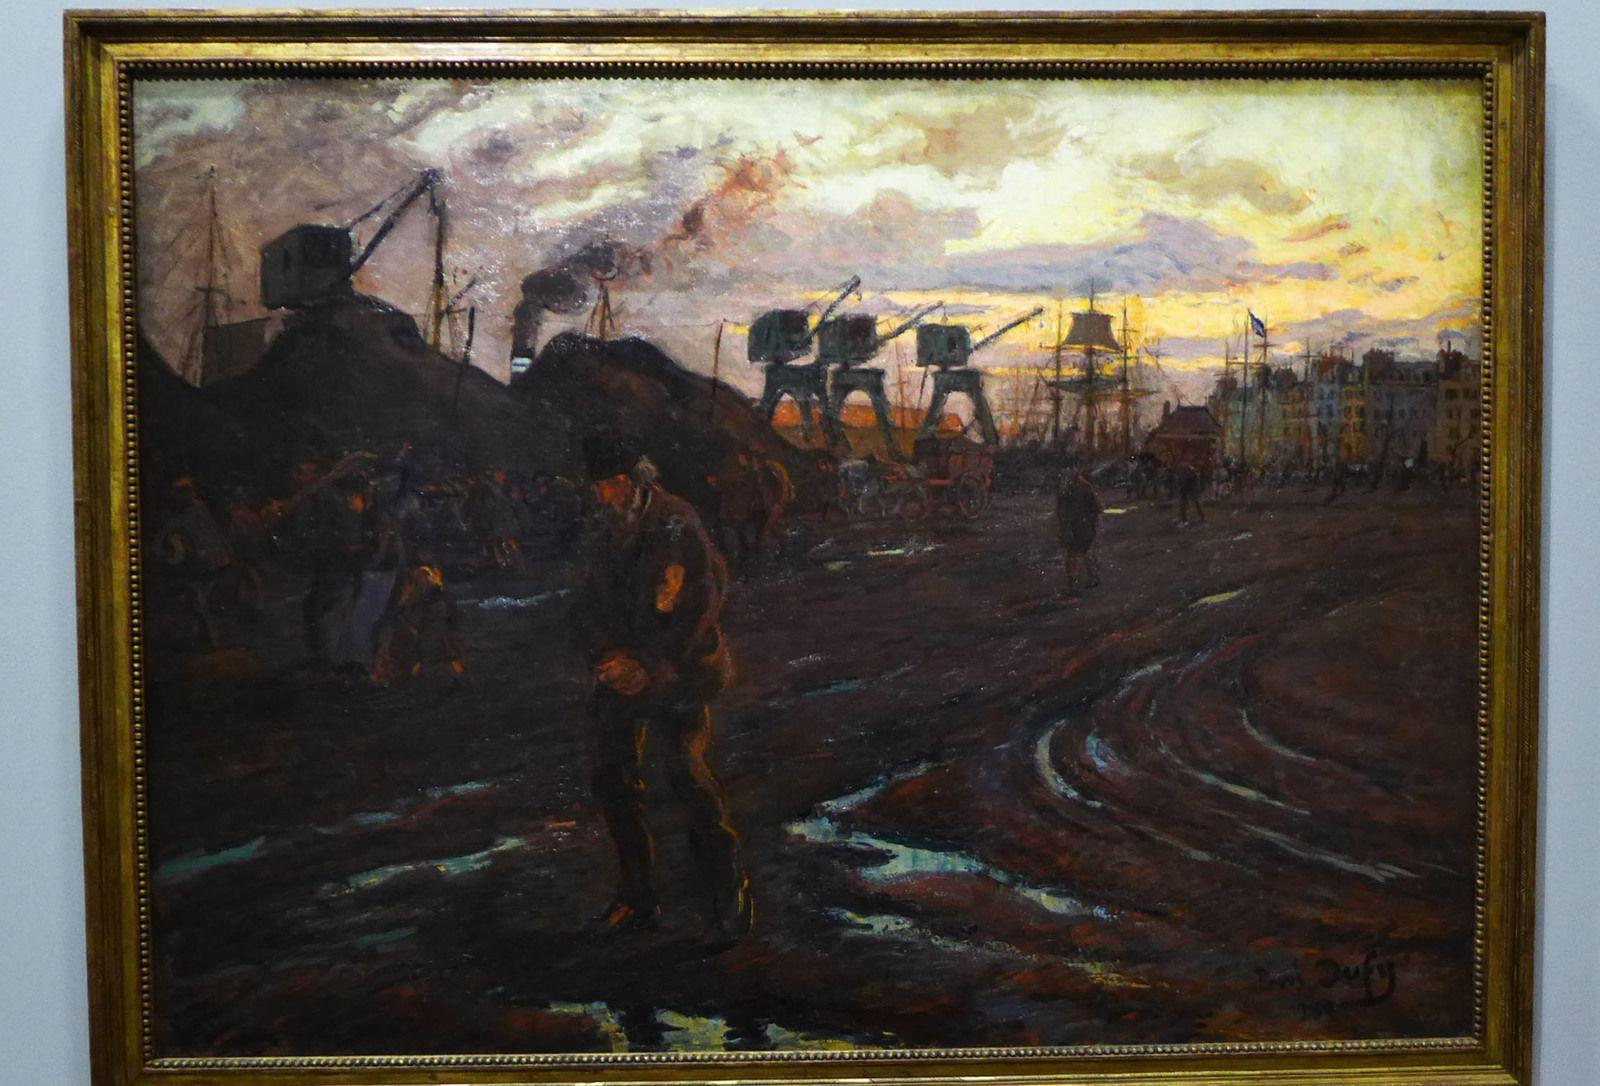 Raoul DUFY (1877-1953), Fin de journée au Havre (1901), Le Havre